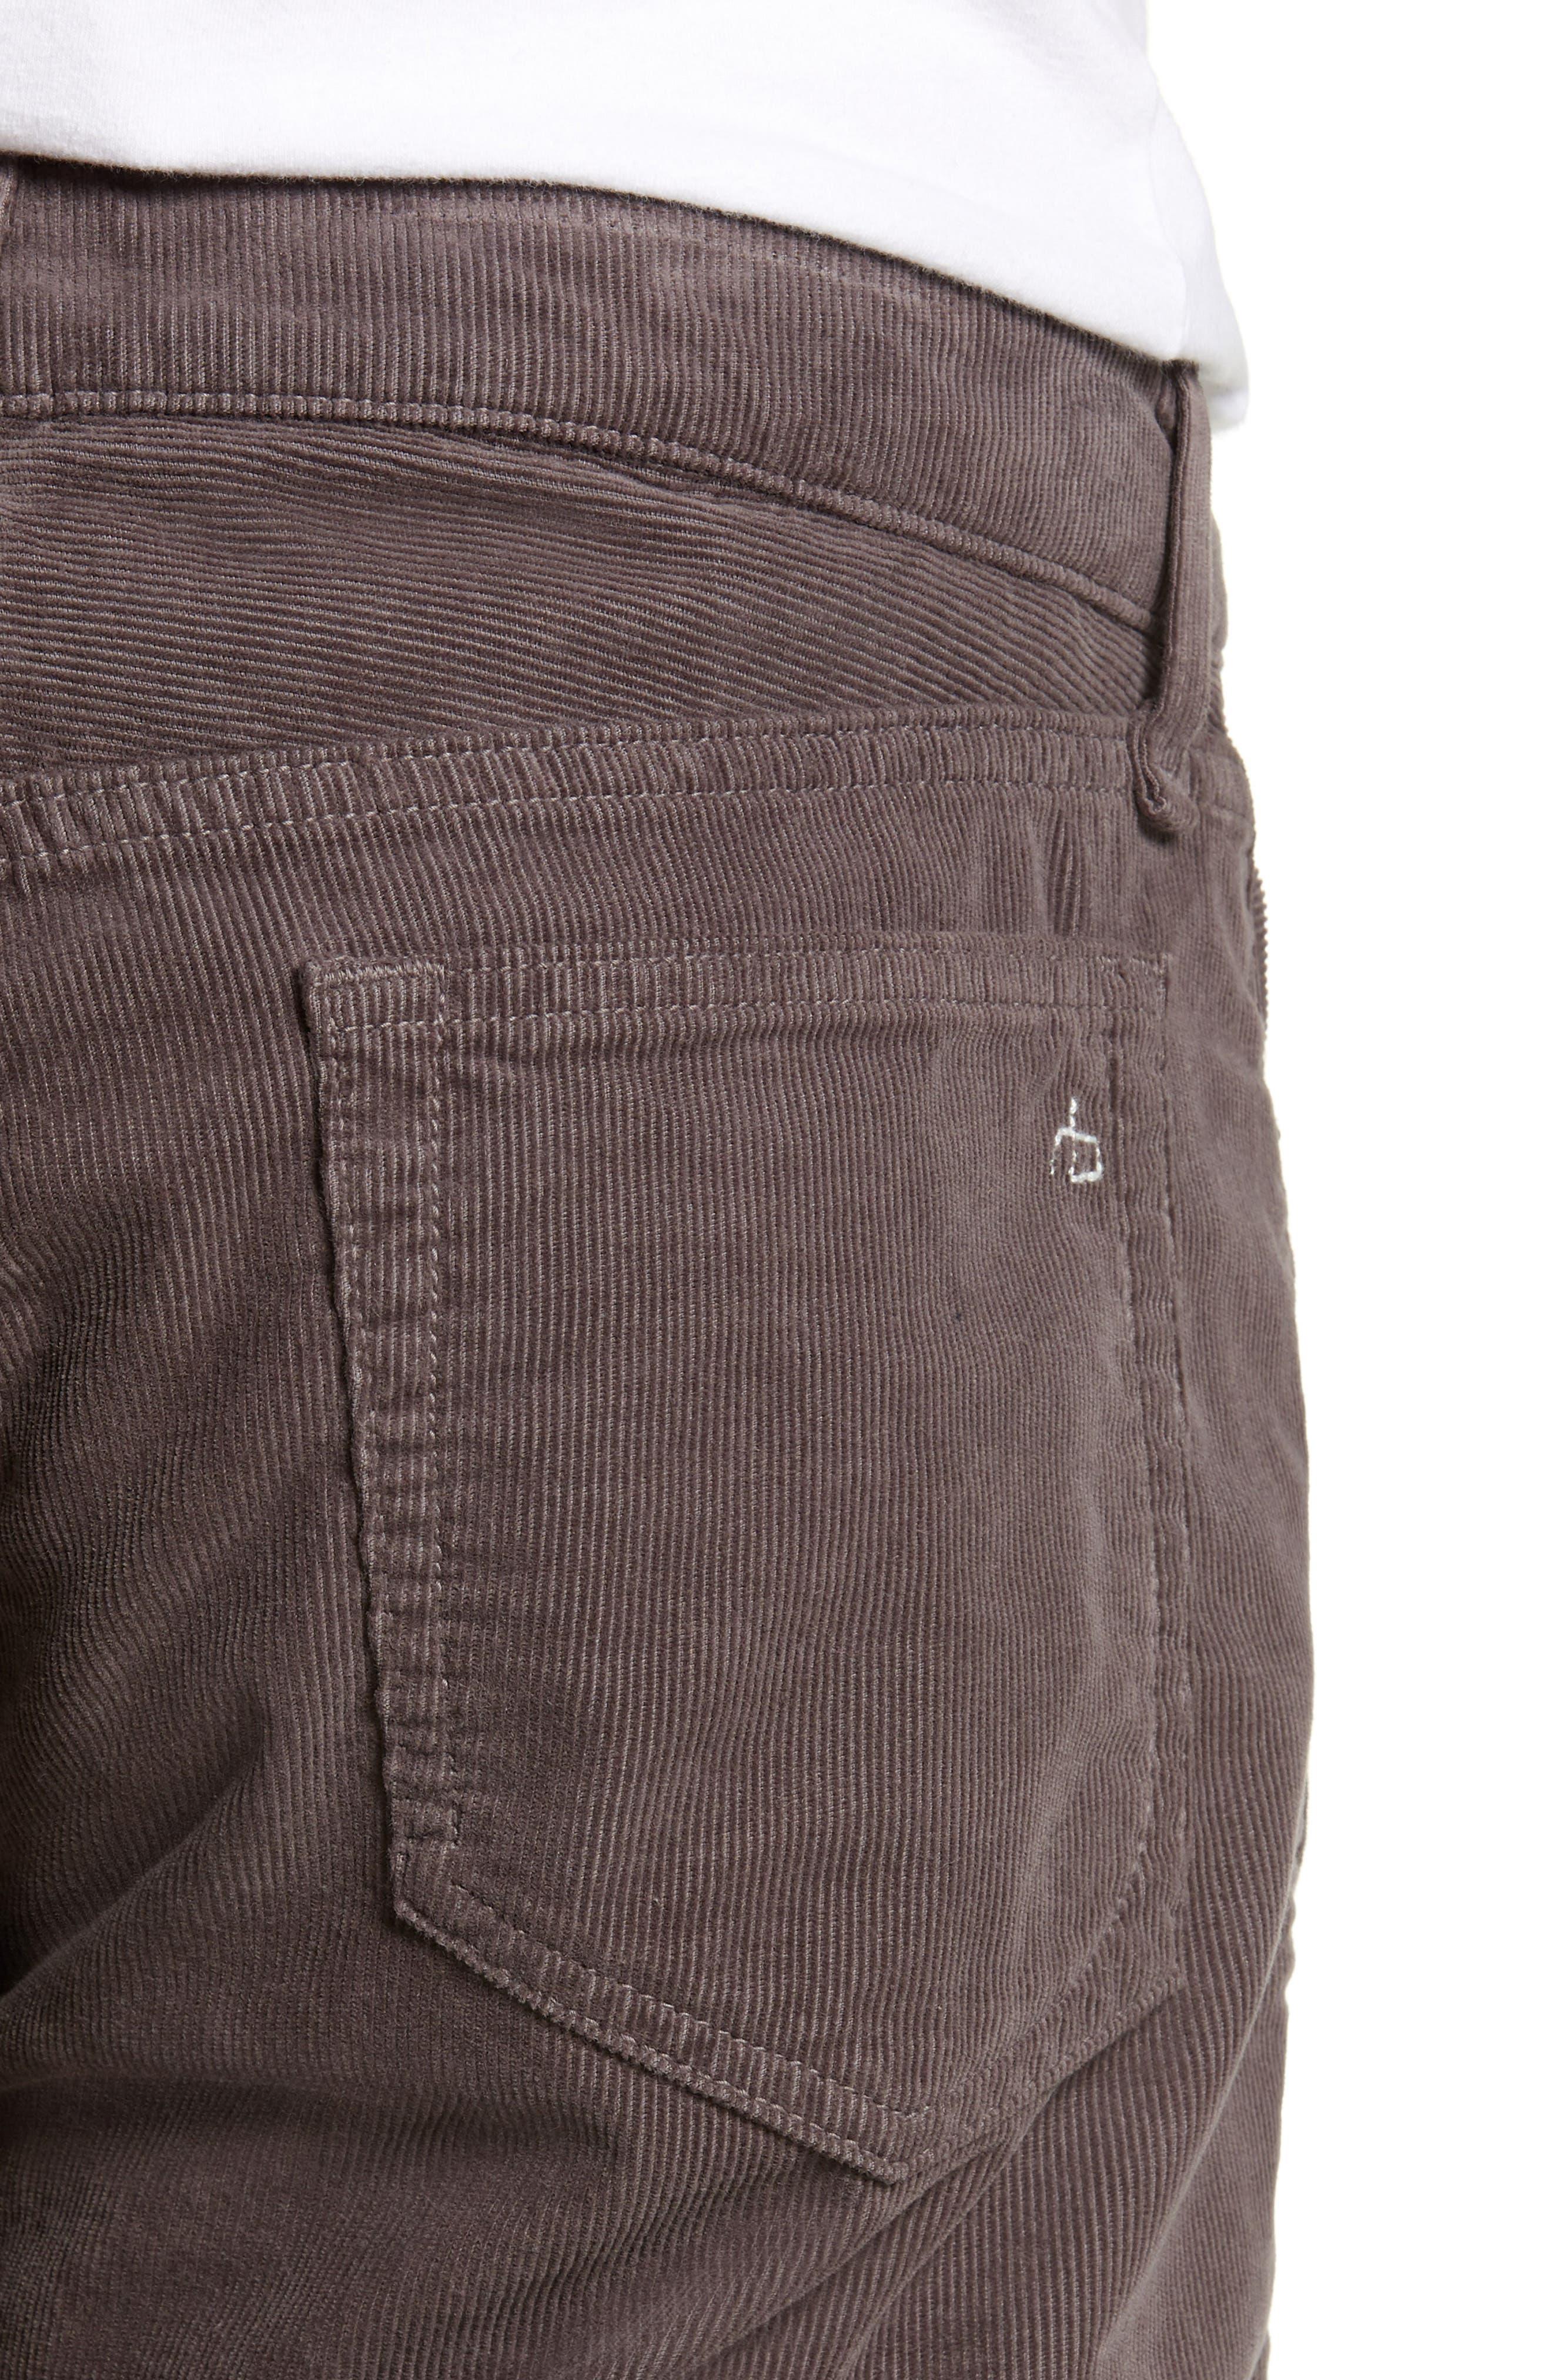 Slim Fit Corduroy Pants,                             Alternate thumbnail 4, color,                             CHARCOAL